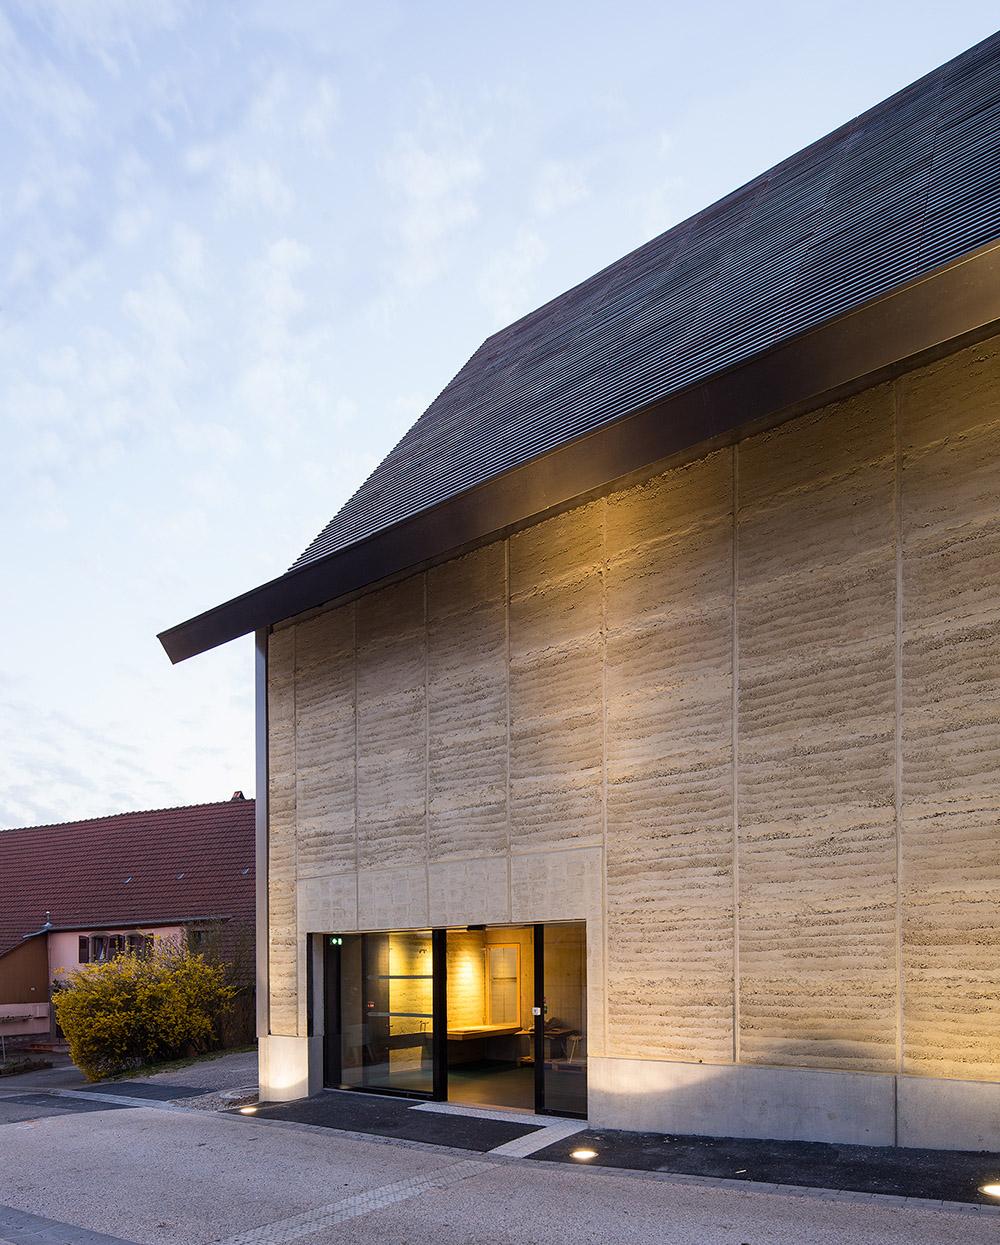 Centre d interpr tation du patrimoine arch ologique de for Architecte du patrimoine